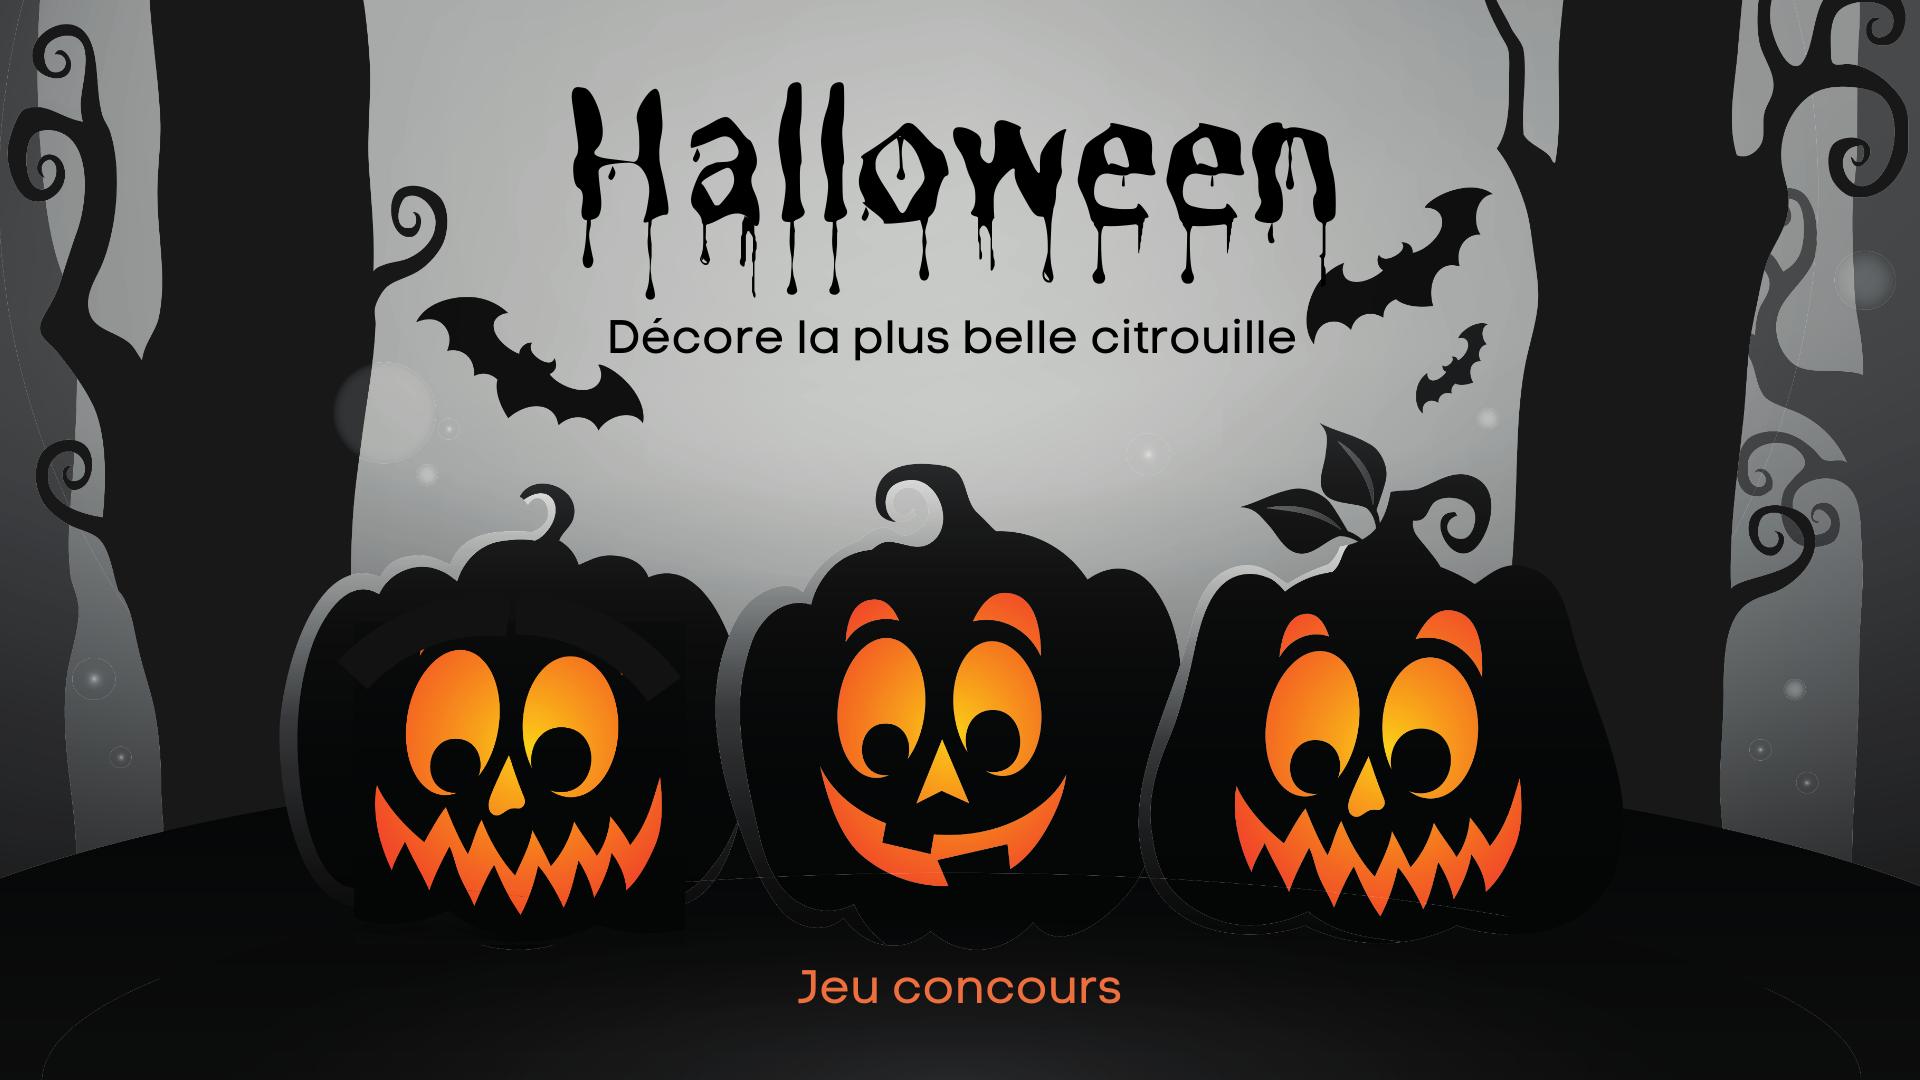 Concours de citrouilles – Halloween 2021 🎃